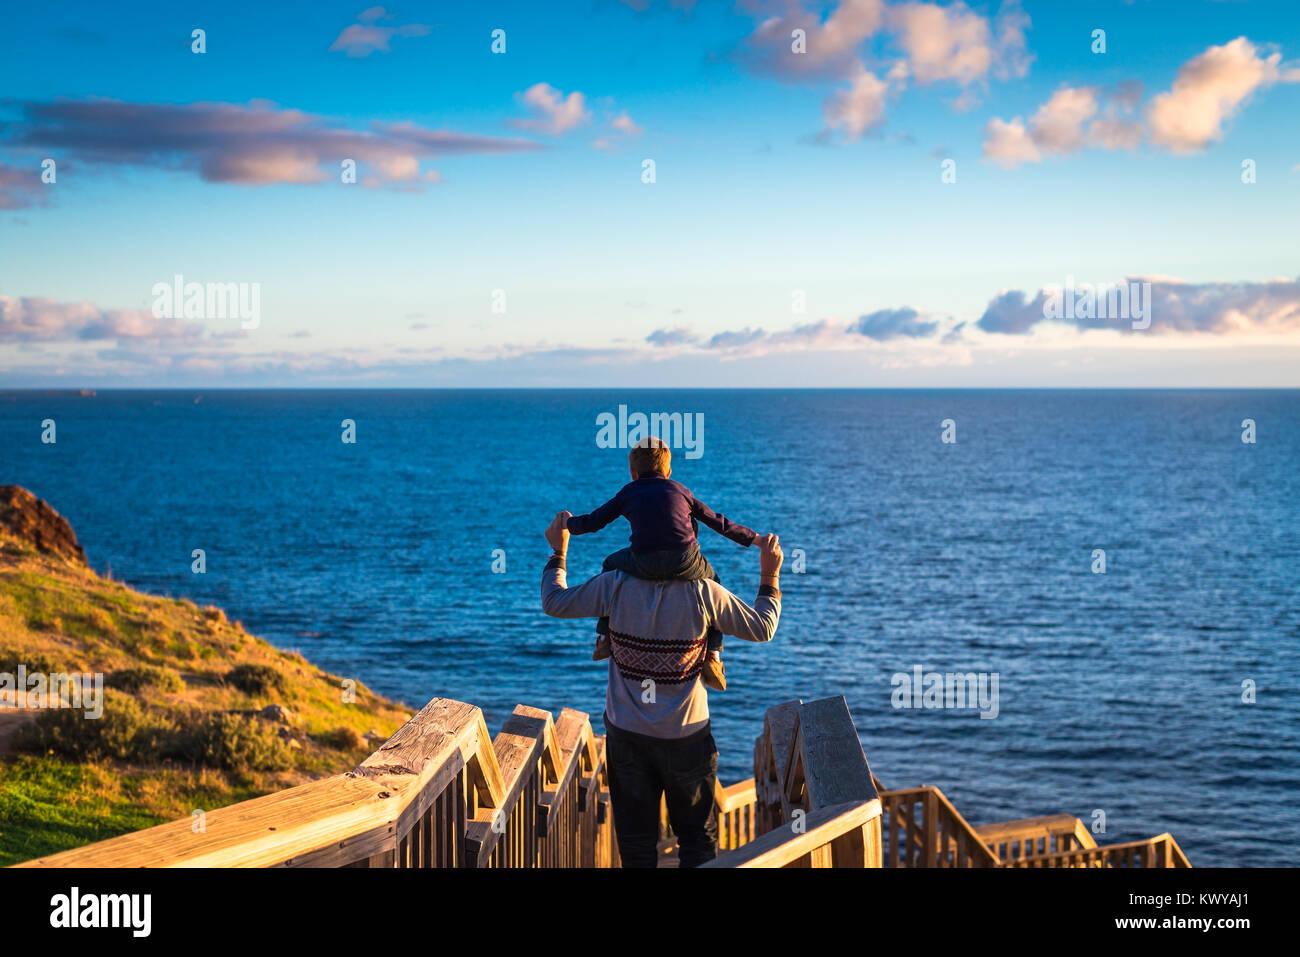 Padre dando su hijo viaje en piggyback Hallett Cove boardwalk mientras disfruta de la puesta de sol, el sur de Australia Imagen De Stock